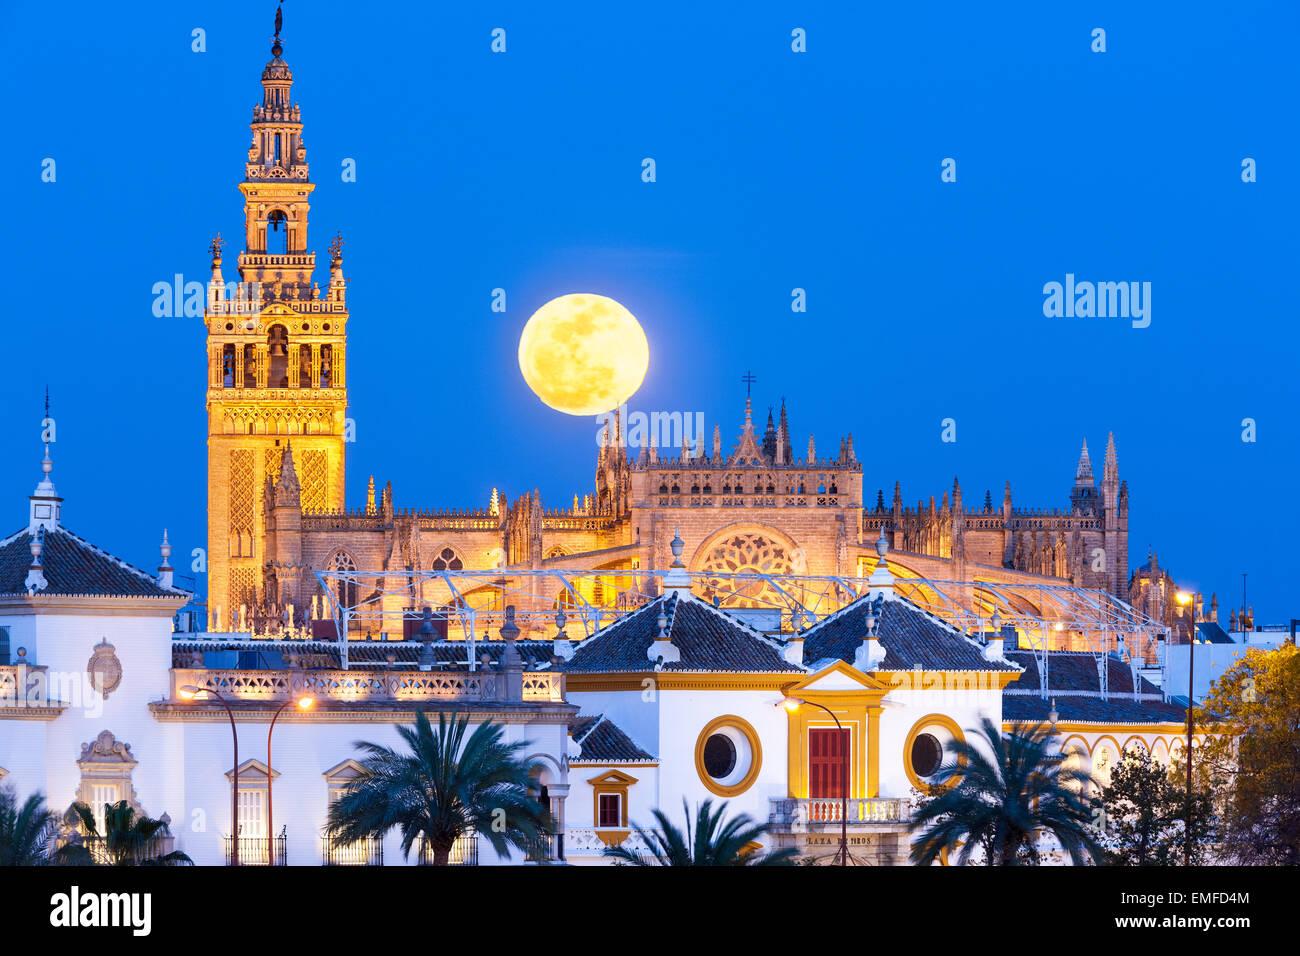 Espagne Séville Séville Skyline avec pleine lune derrière la tour Giralda, La Cathédrale de Photo Stock